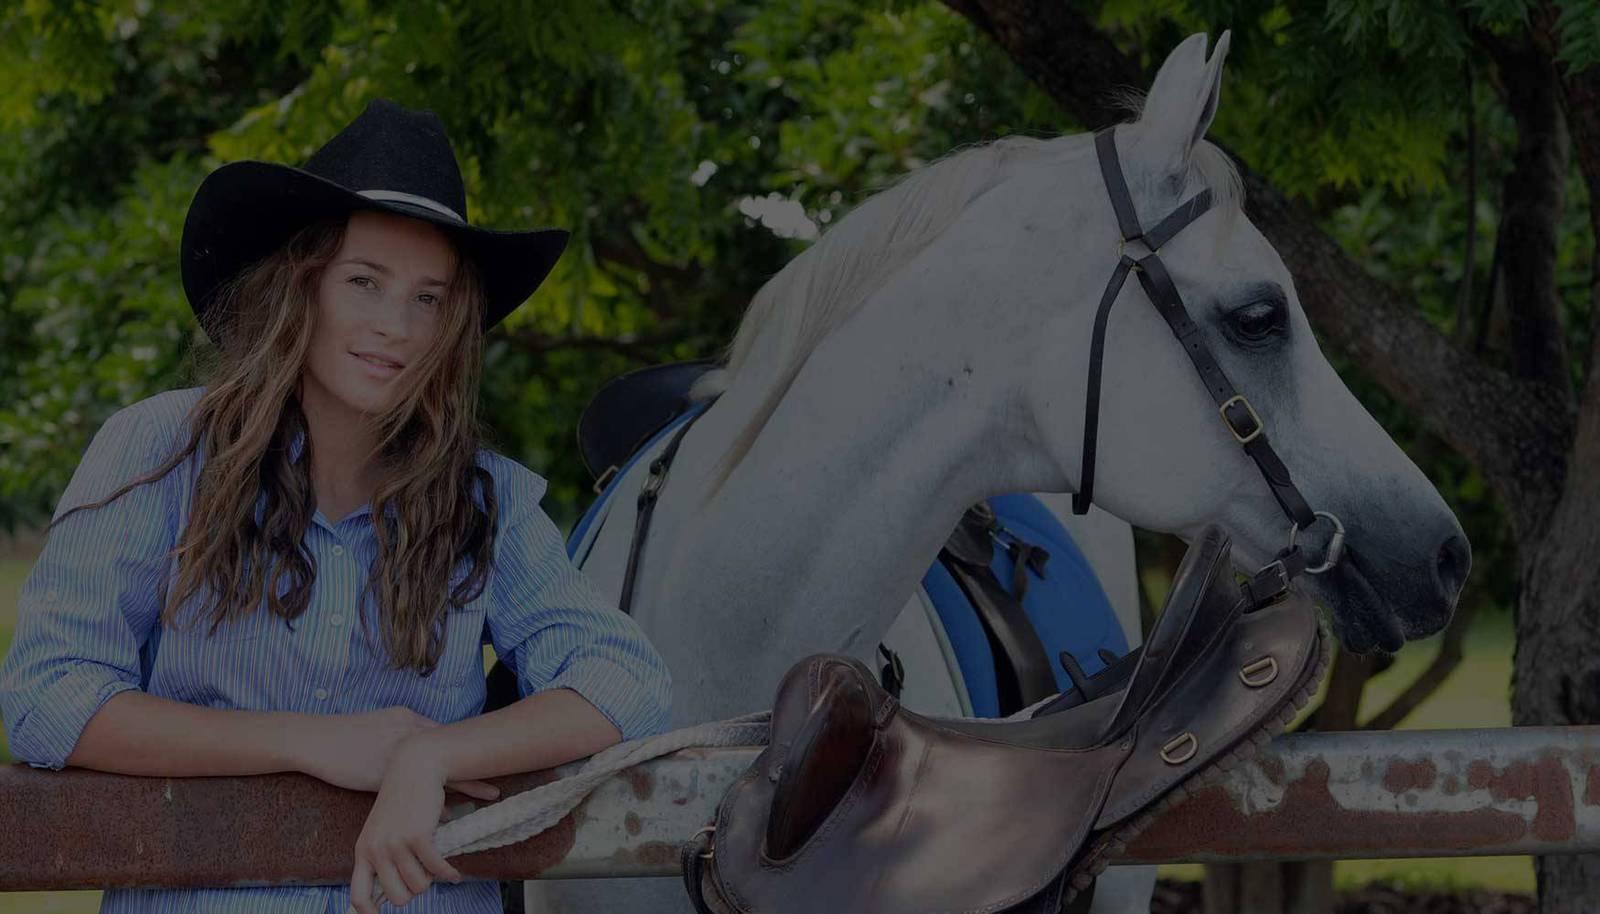 Arabian Horse Society Australia